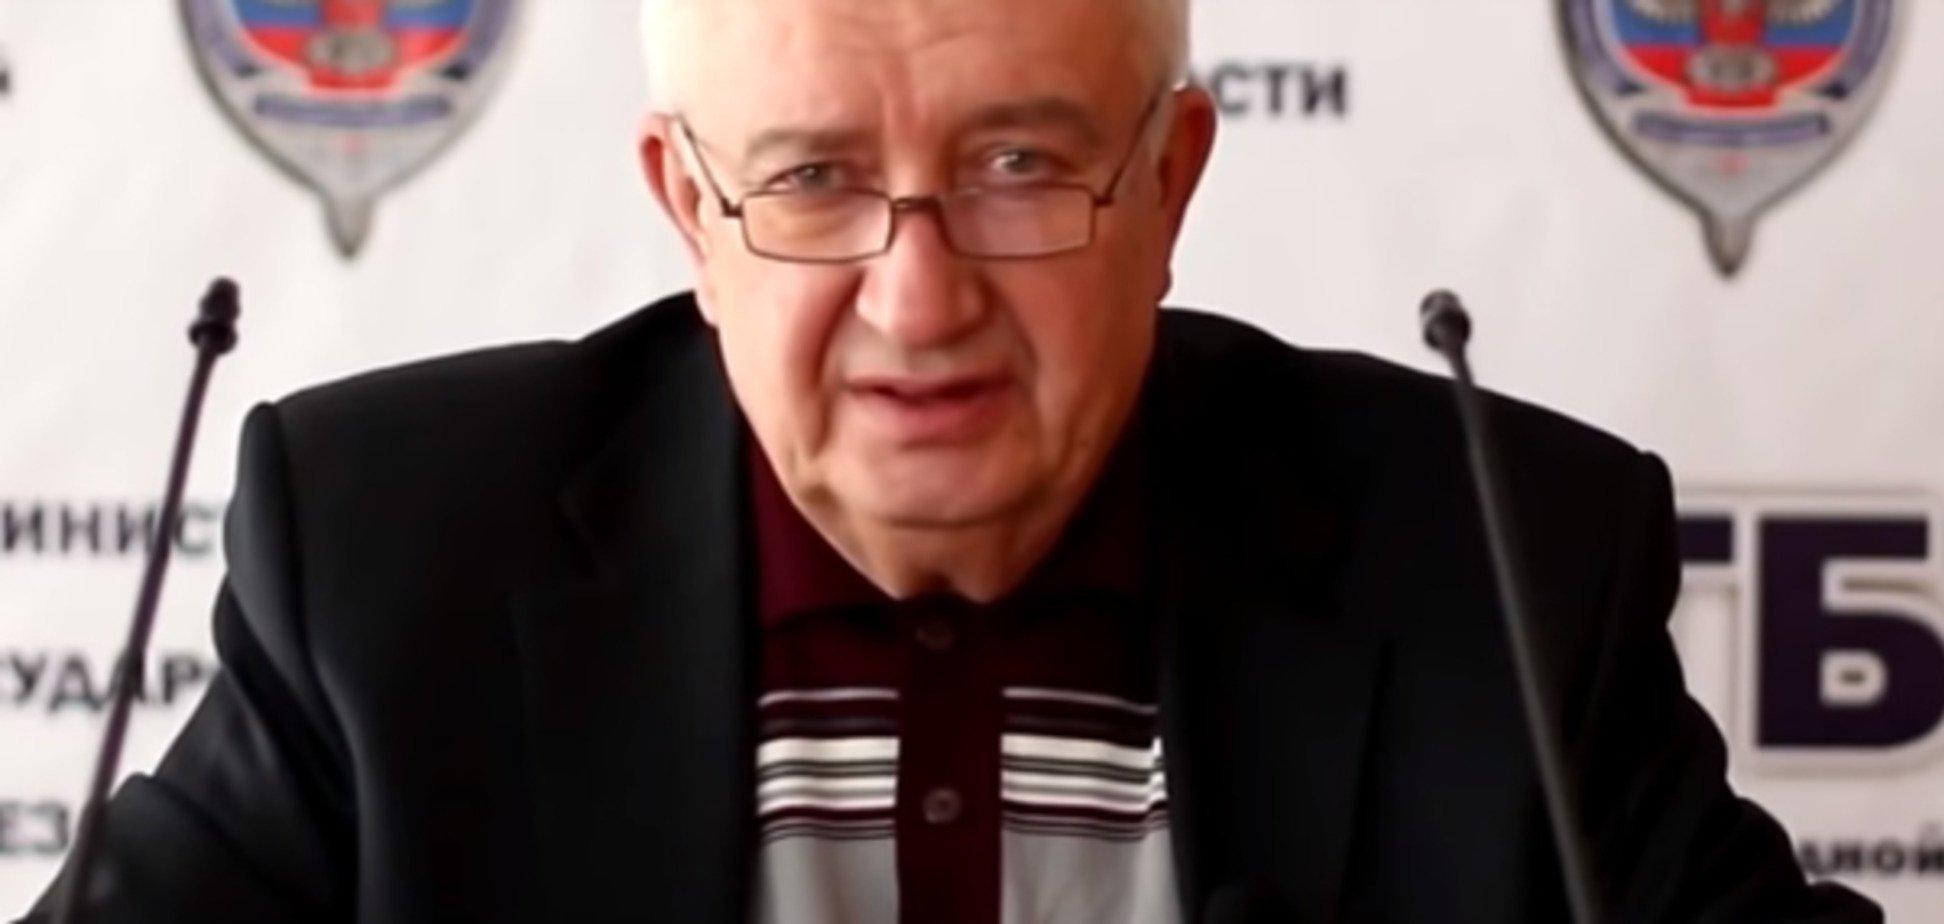 Генерал-майор СБУ перейшов на сторону 'ДНР' і закликав 'валити хунту': опубліковано відео